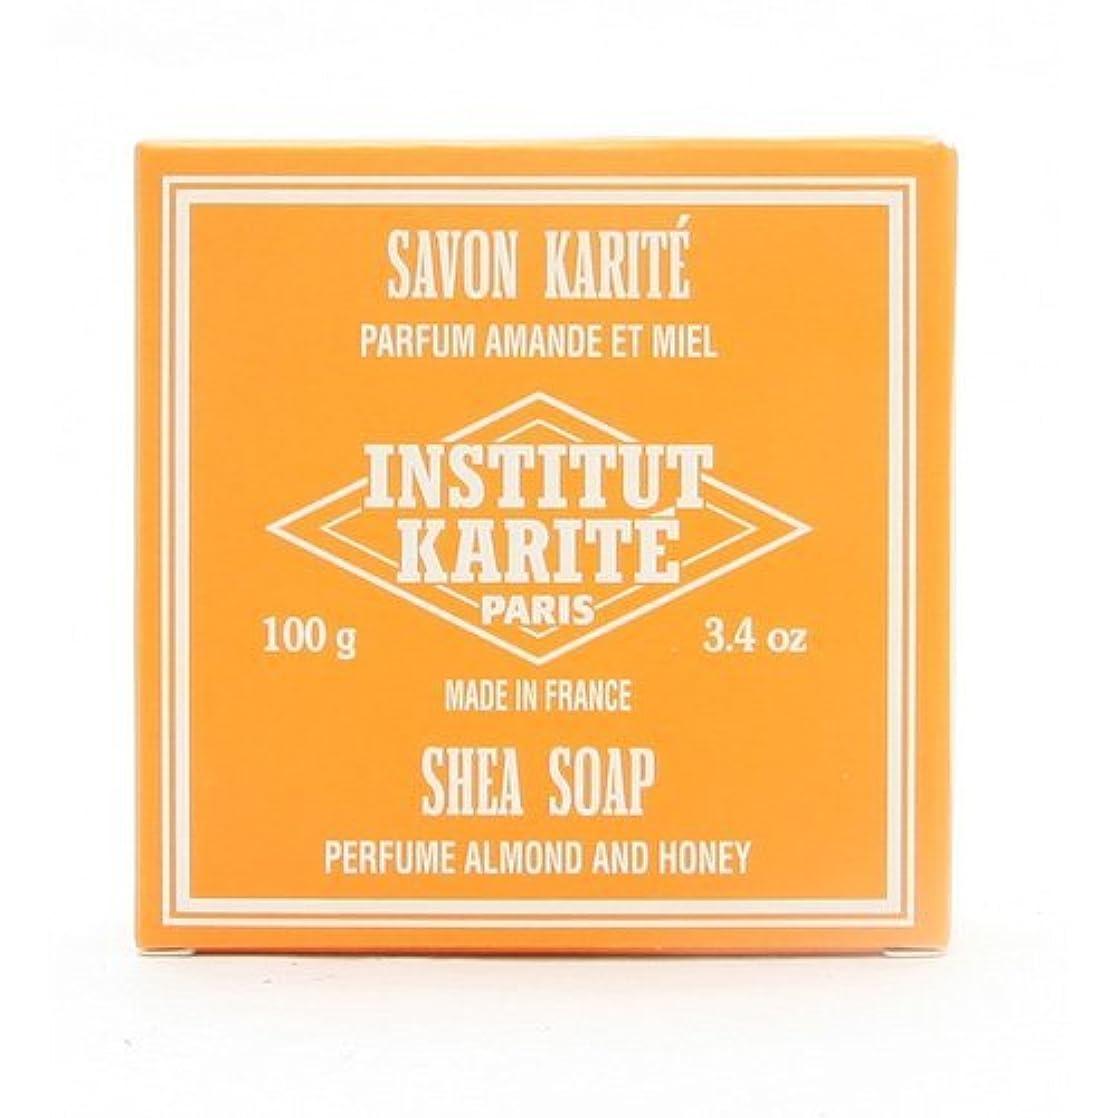 通知する一見枠INSTITUT KARITE インスティテュート カリテ 25% Extra Gentle Soap ジェントルソープ 100g Almond Honey アーモンドハニー